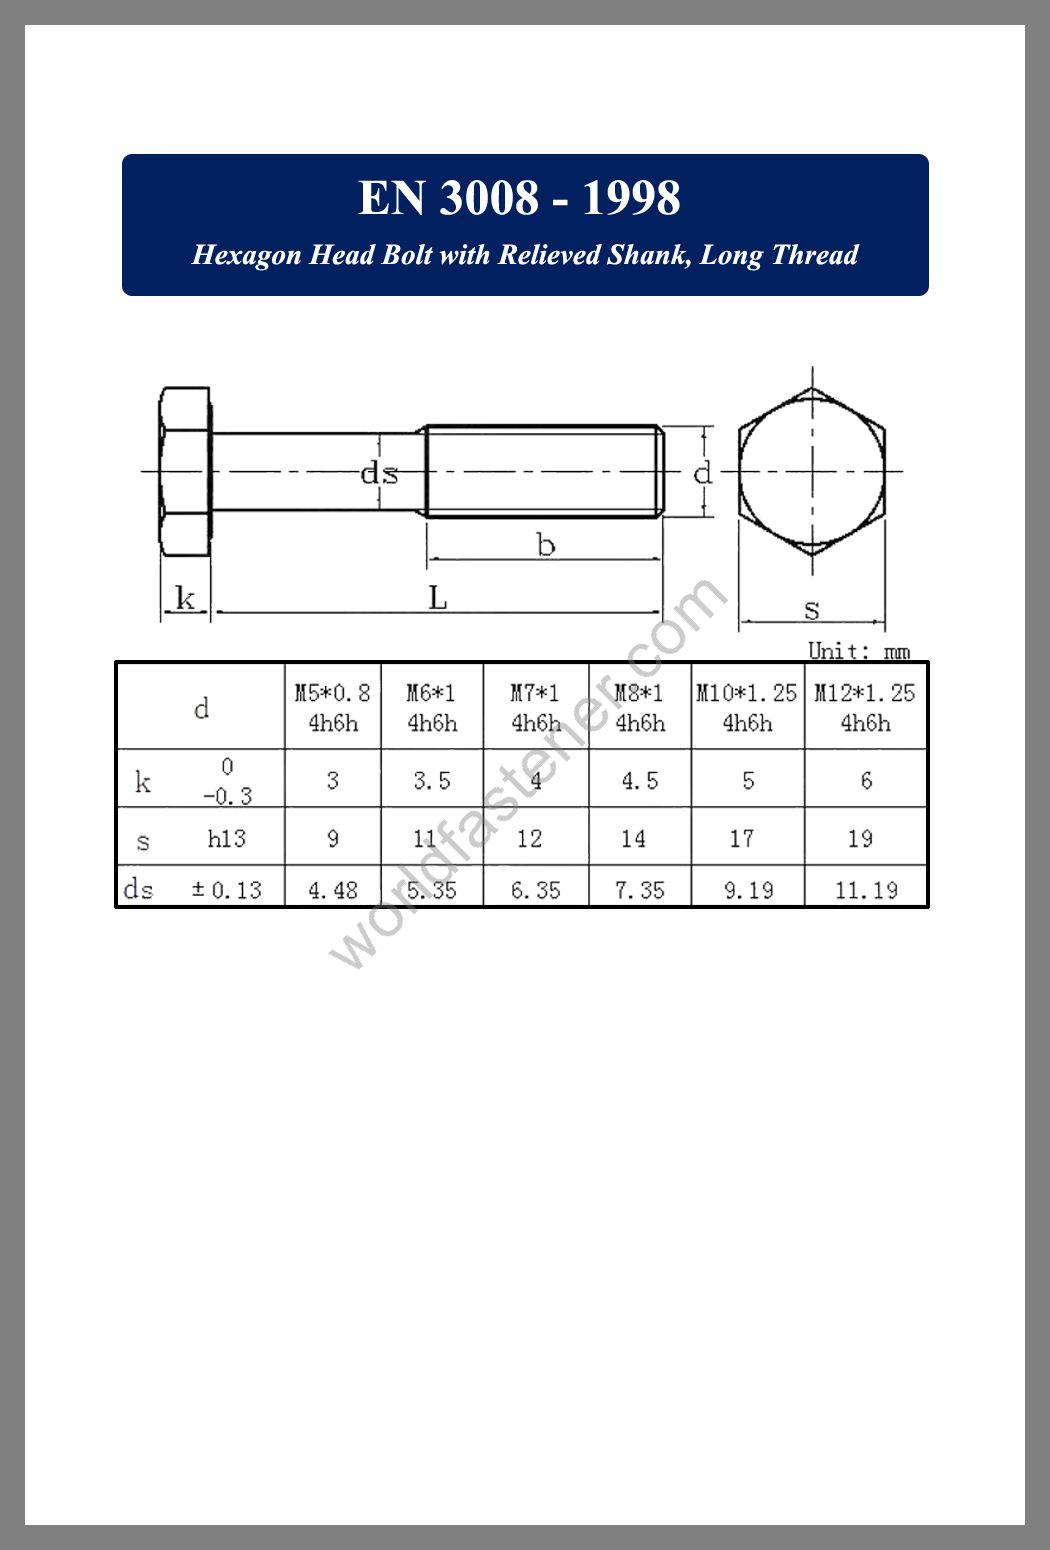 EN 3008, EN 3008-1998 Hexagon Head Bolt with Relieved Shank, fastener, screw, bolt, EN bolt, EN fastener